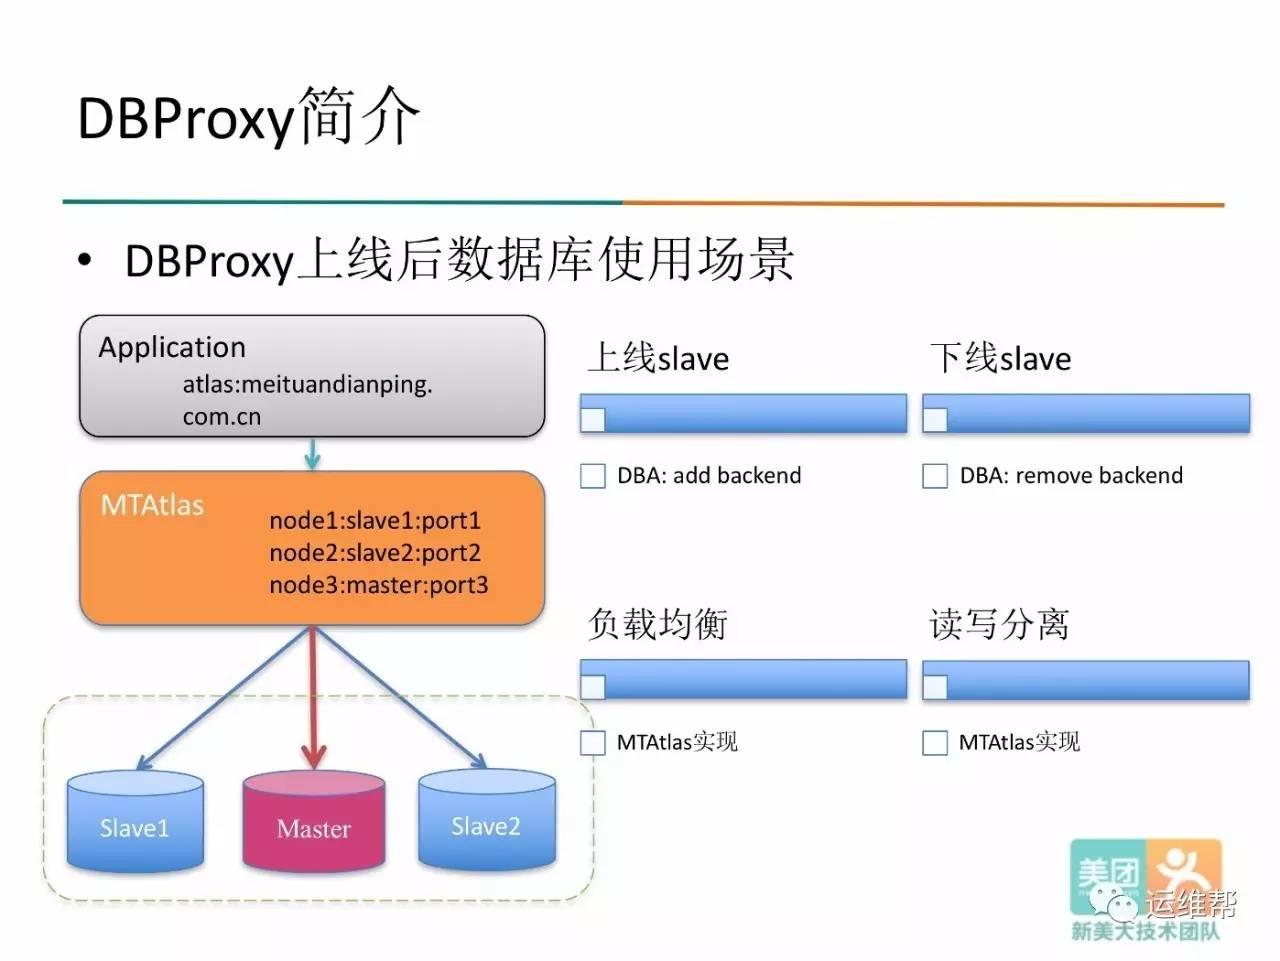 美团点评MySQL中间件DBProxy开源啦